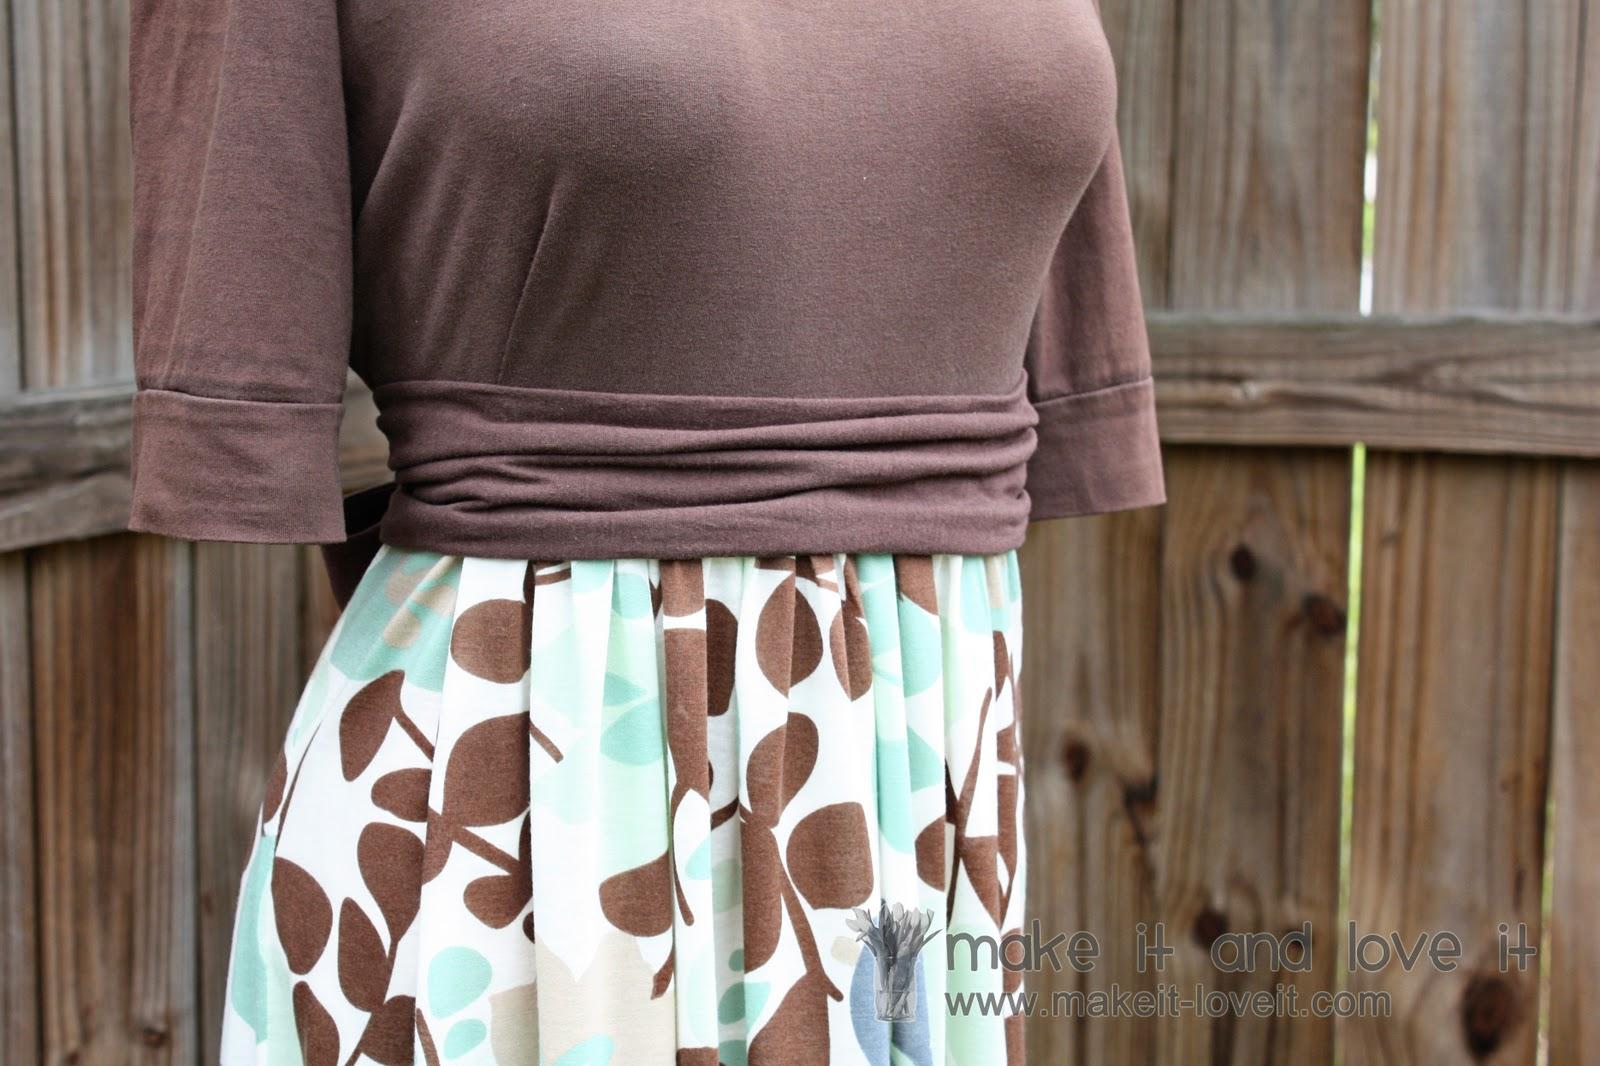 Re-purposing: Women's Knit Shirt into Dress